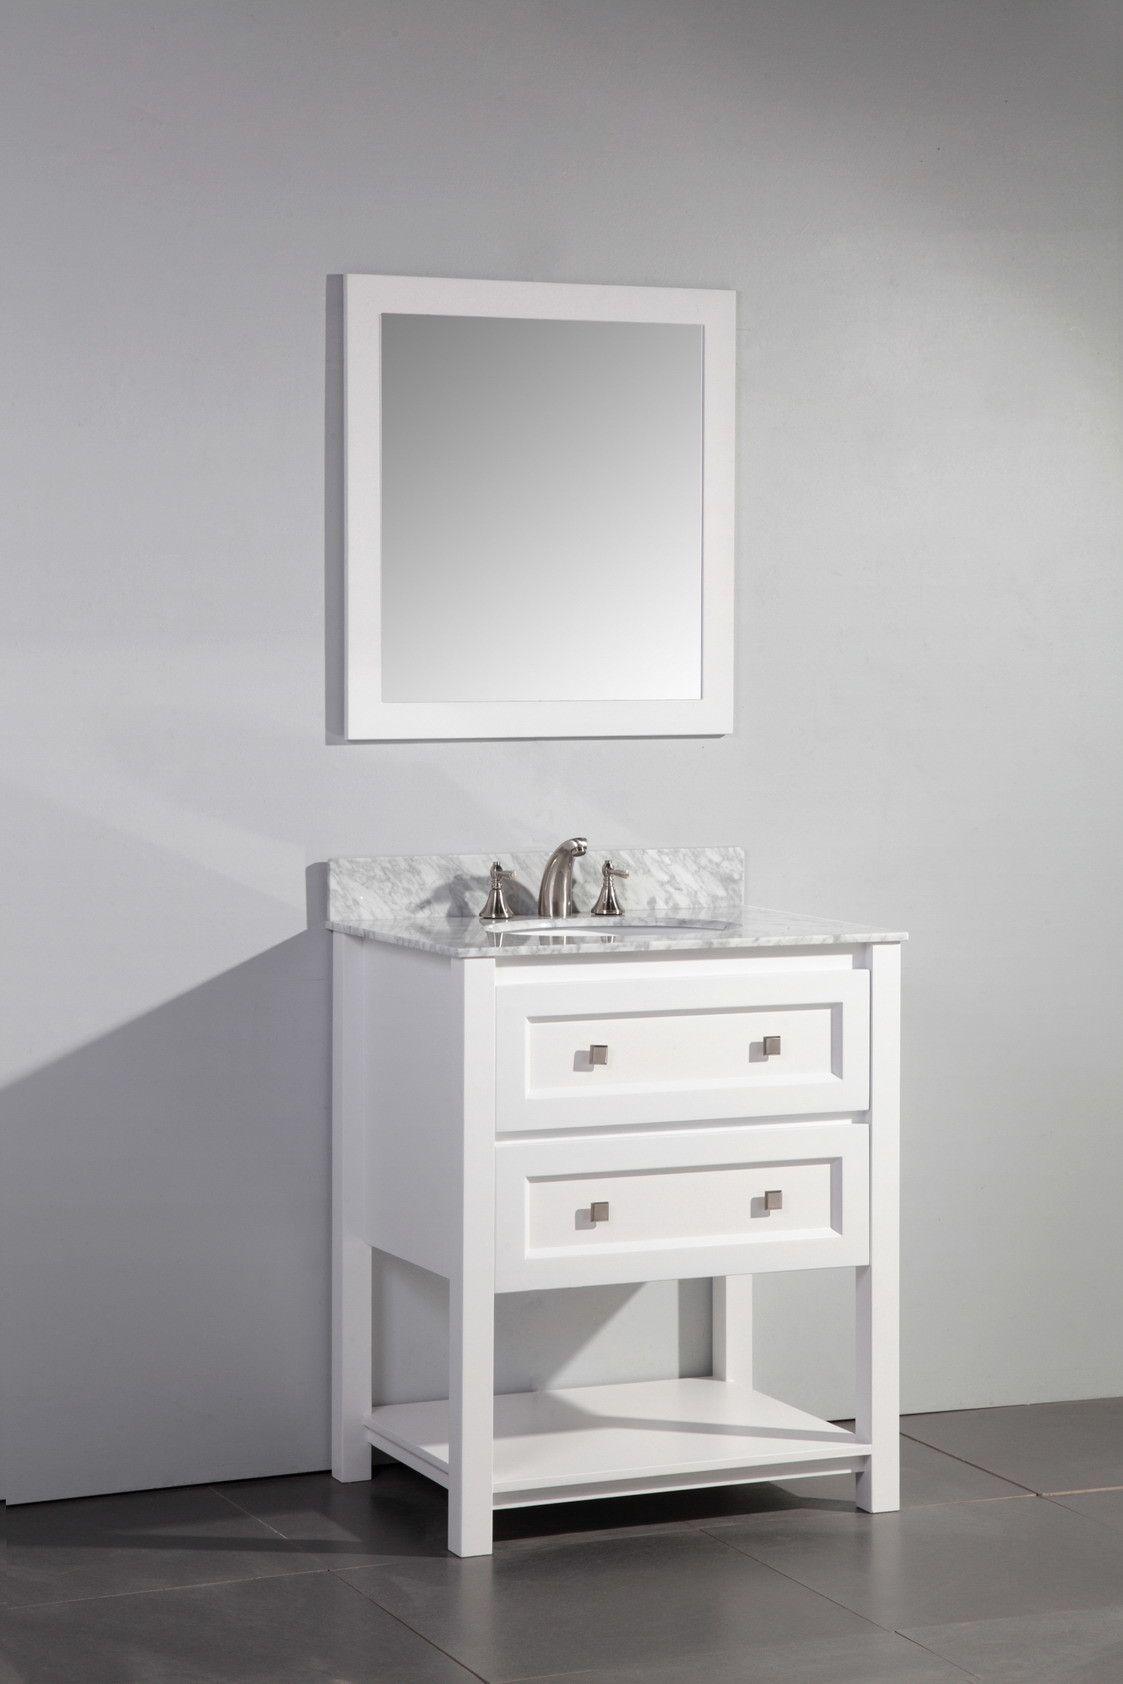 die besten 25 30 badezimmer waschtisch ideen auf pinterest kleine waschtische im badezimmer. Black Bedroom Furniture Sets. Home Design Ideas